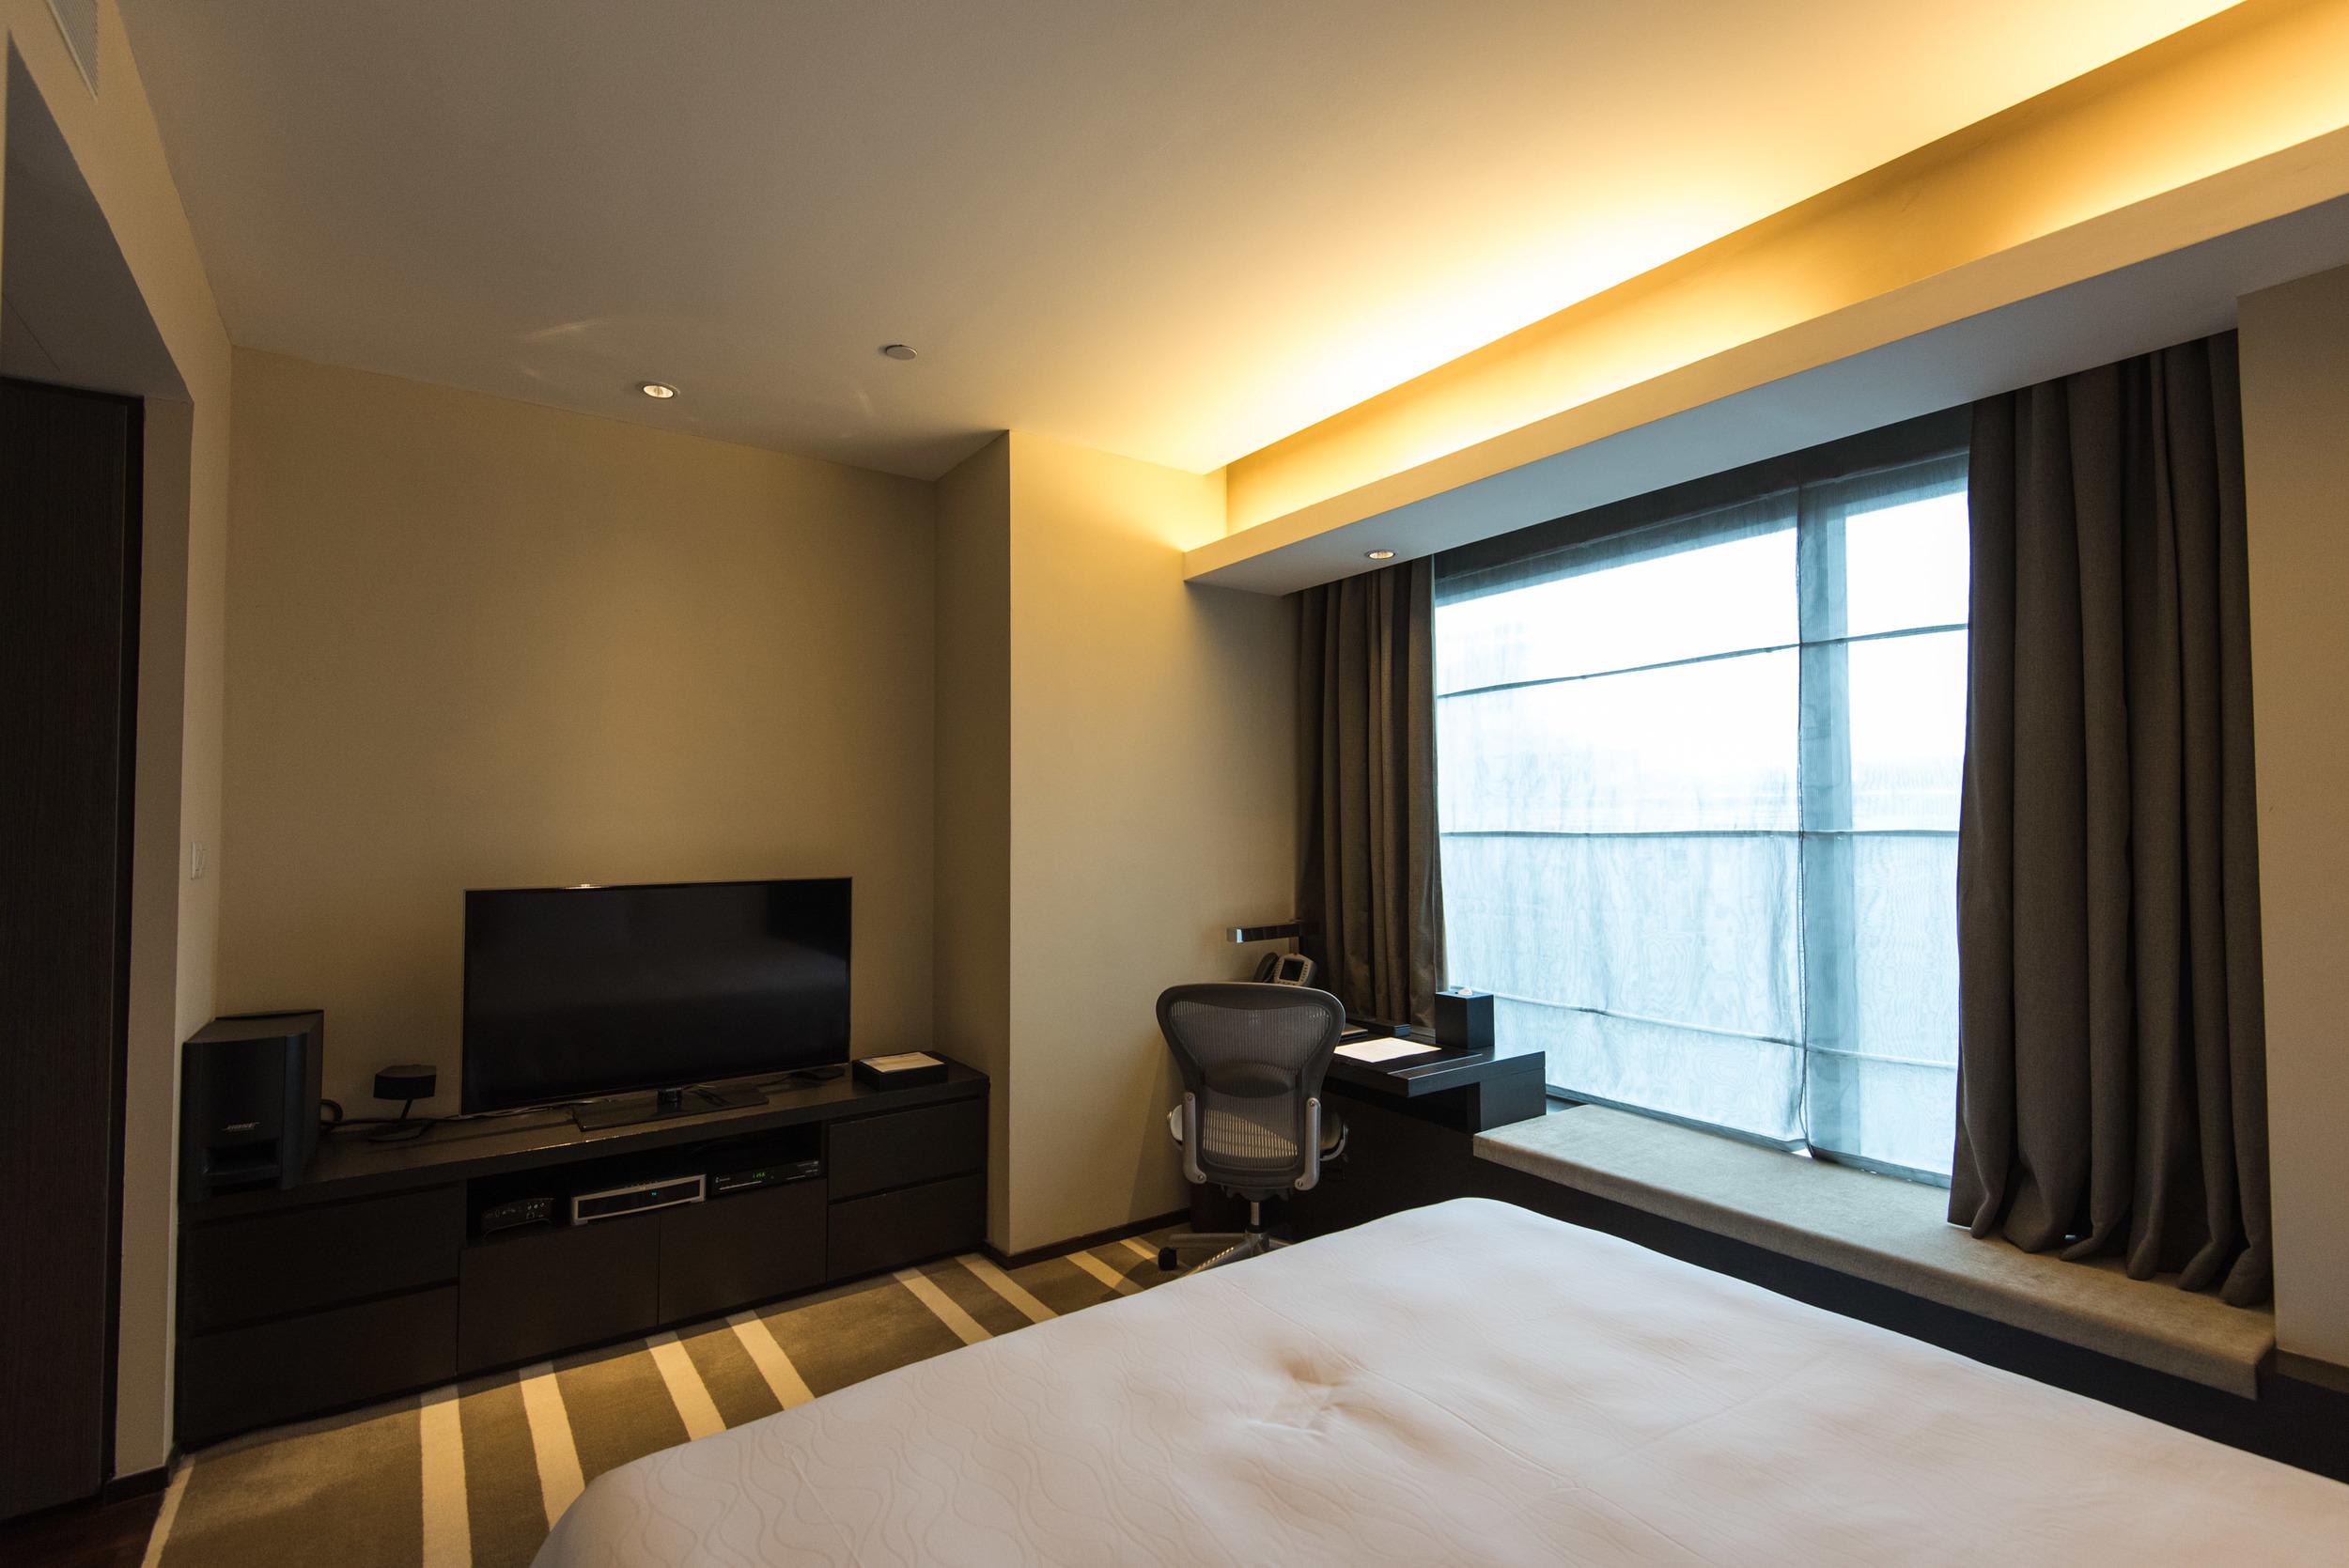 Bedroom of the One Bedroom Deluxe Suite